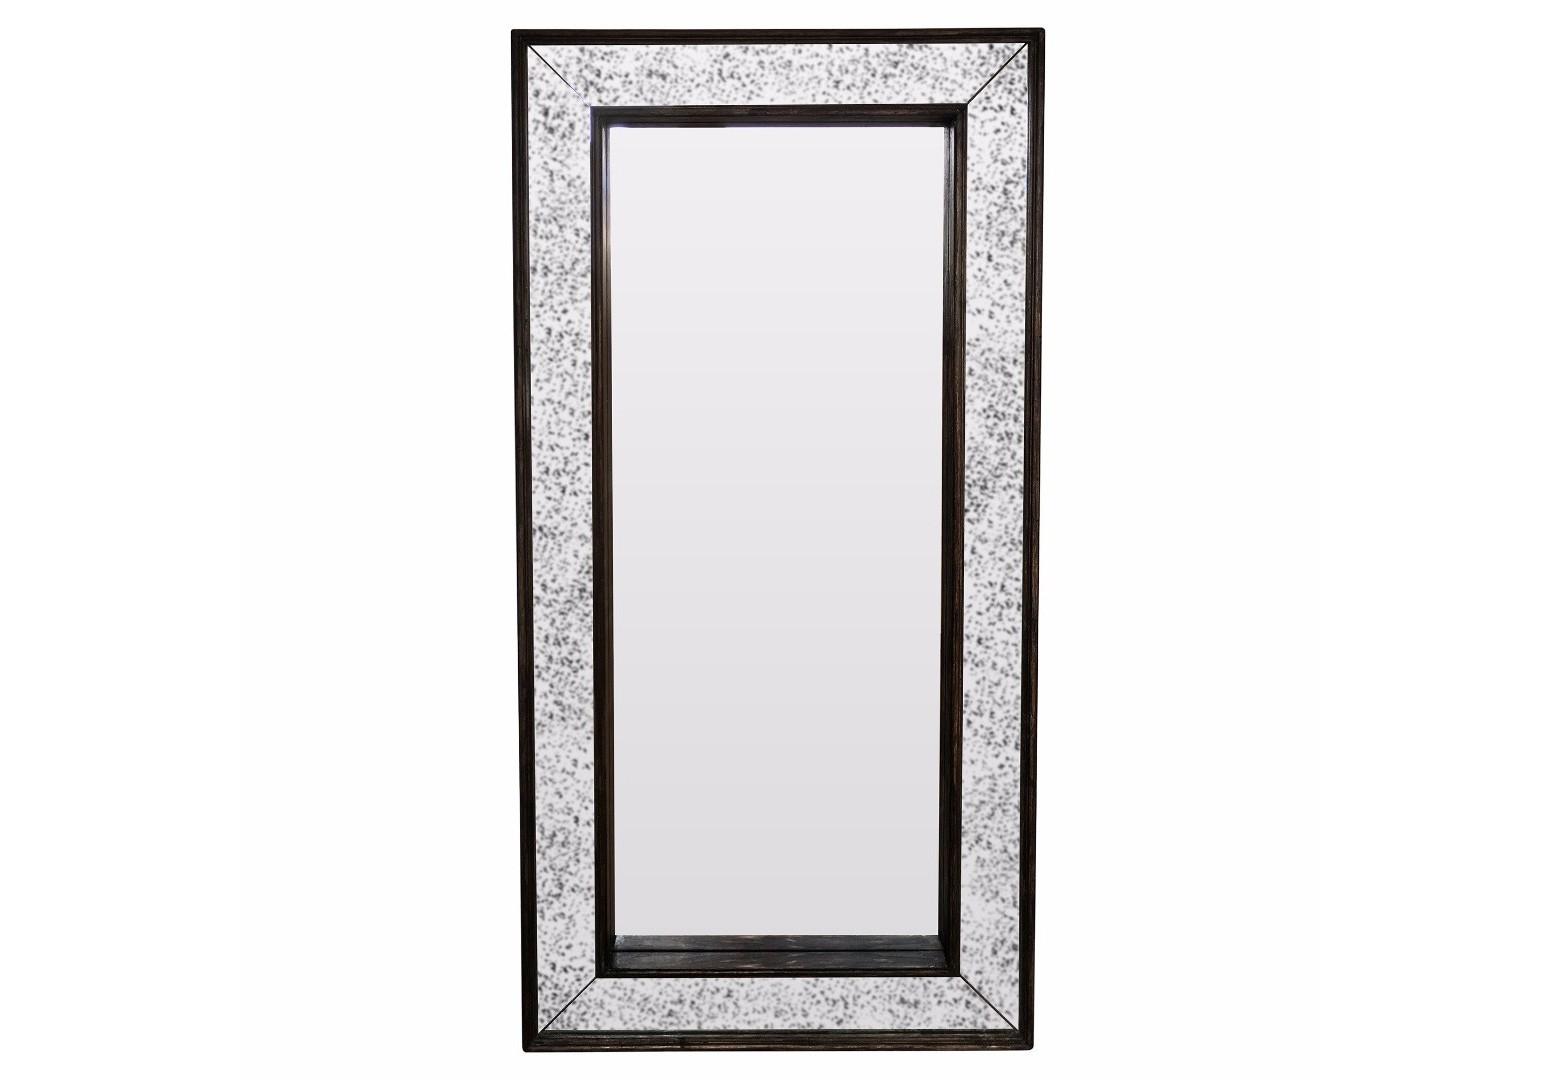 Зеркало MysticНастенные зеркала<br>Коллекции B-Home – это дизайнерские зеркала, зеркальная мебель и предметы интерьера. Все изделия от и до мы создаем сами в нашей мастерской. Каждое – это уникальное произведение, арт-объект со своей историей и мелодией. Мы следим за современными трендами, лично отбираем лучшие материалы и каждый день трудимся над созданием новых шедевров, которые будут радовать вас. Если вы ищете что-то действительно качественное, стоящее и эксклюзивное, что сделано с душой и руками человека, BountyHome придется вам по вкусу!&amp;lt;div&amp;gt;&amp;lt;br&amp;gt;&amp;lt;/div&amp;gt;&amp;lt;div&amp;gt;Материал: массив дерева, состаренное зеркало, классическое зеркало.&amp;lt;br&amp;gt;&amp;lt;/div&amp;gt;<br><br>Material: Дерево<br>Ширина см: 71.0<br>Высота см: 141.0<br>Глубина см: 10.0